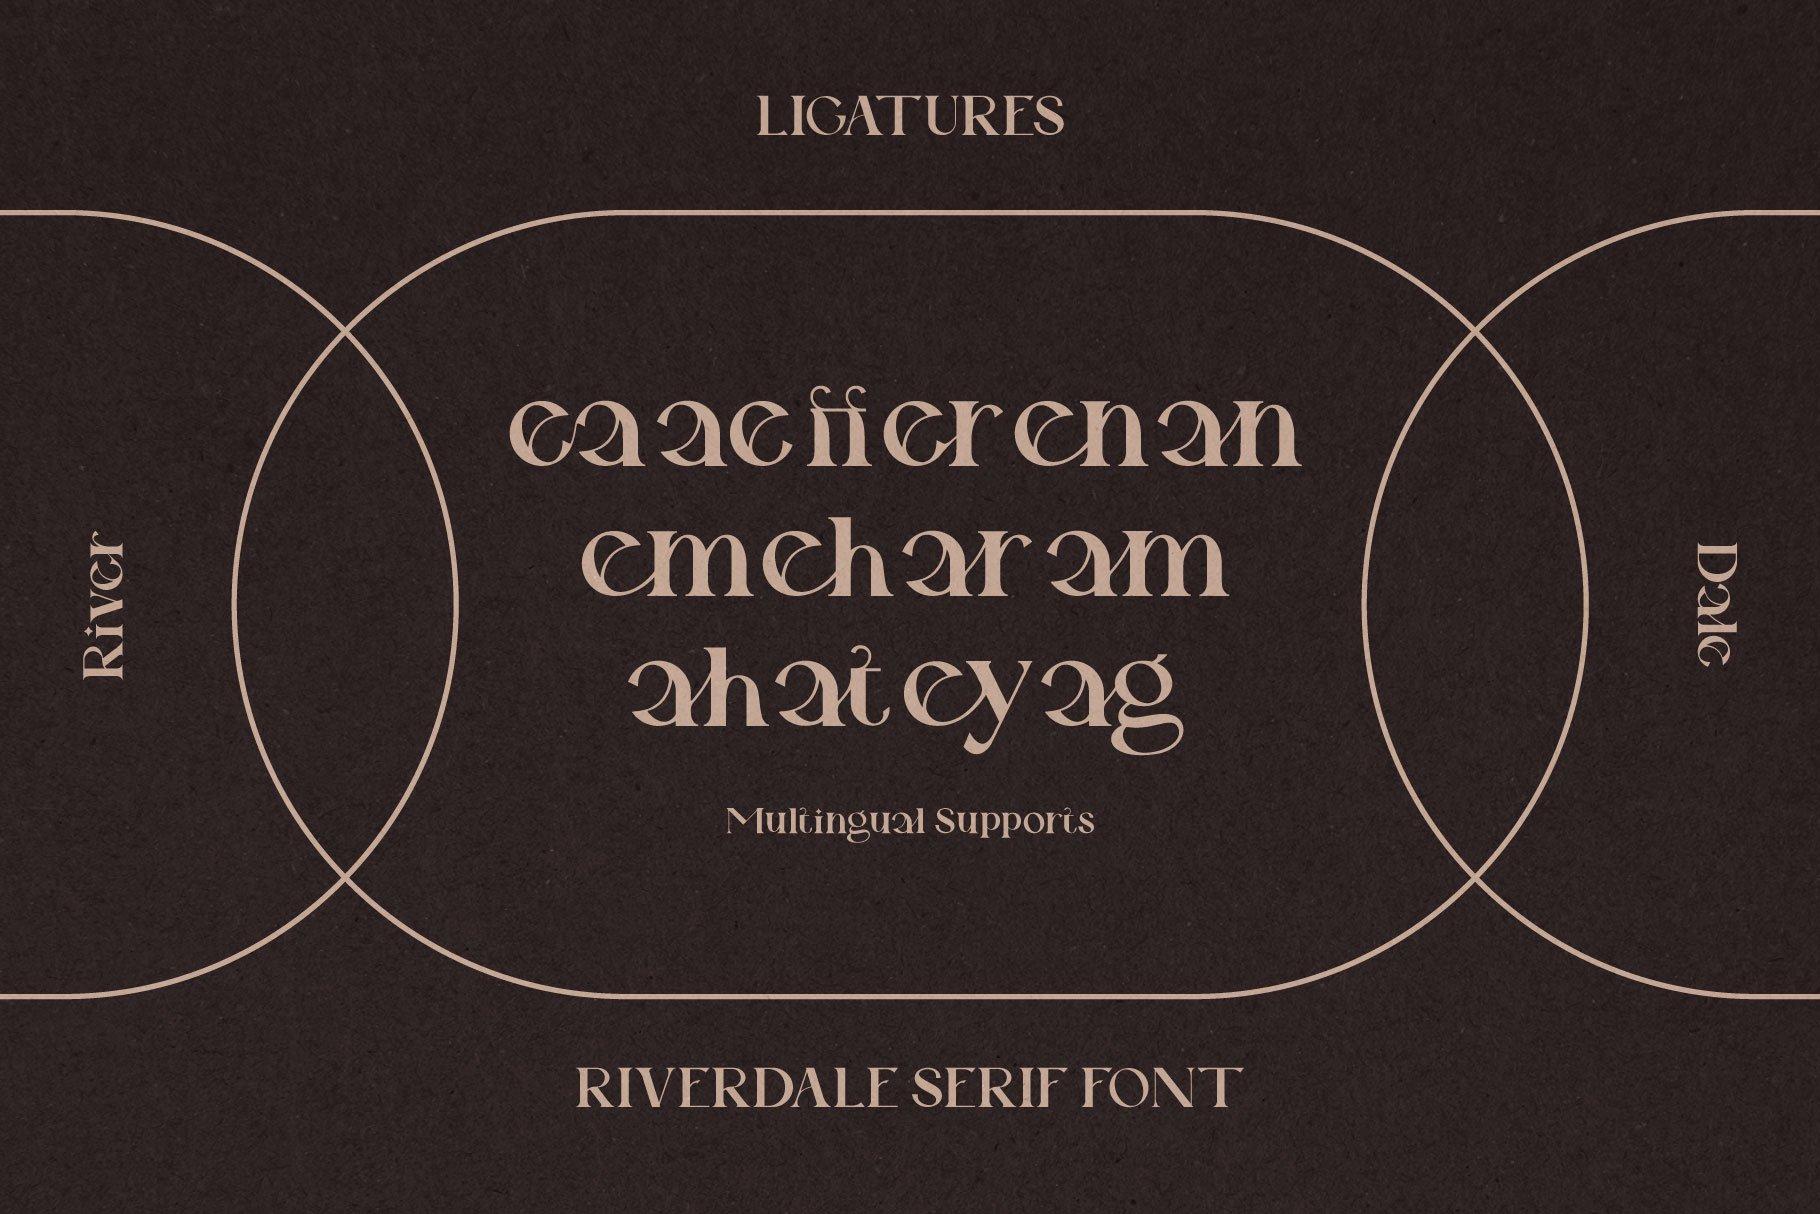 时尚优雅品牌Logo海报标题设计衬线英文字体素材 Riverdale Serif Font插图13